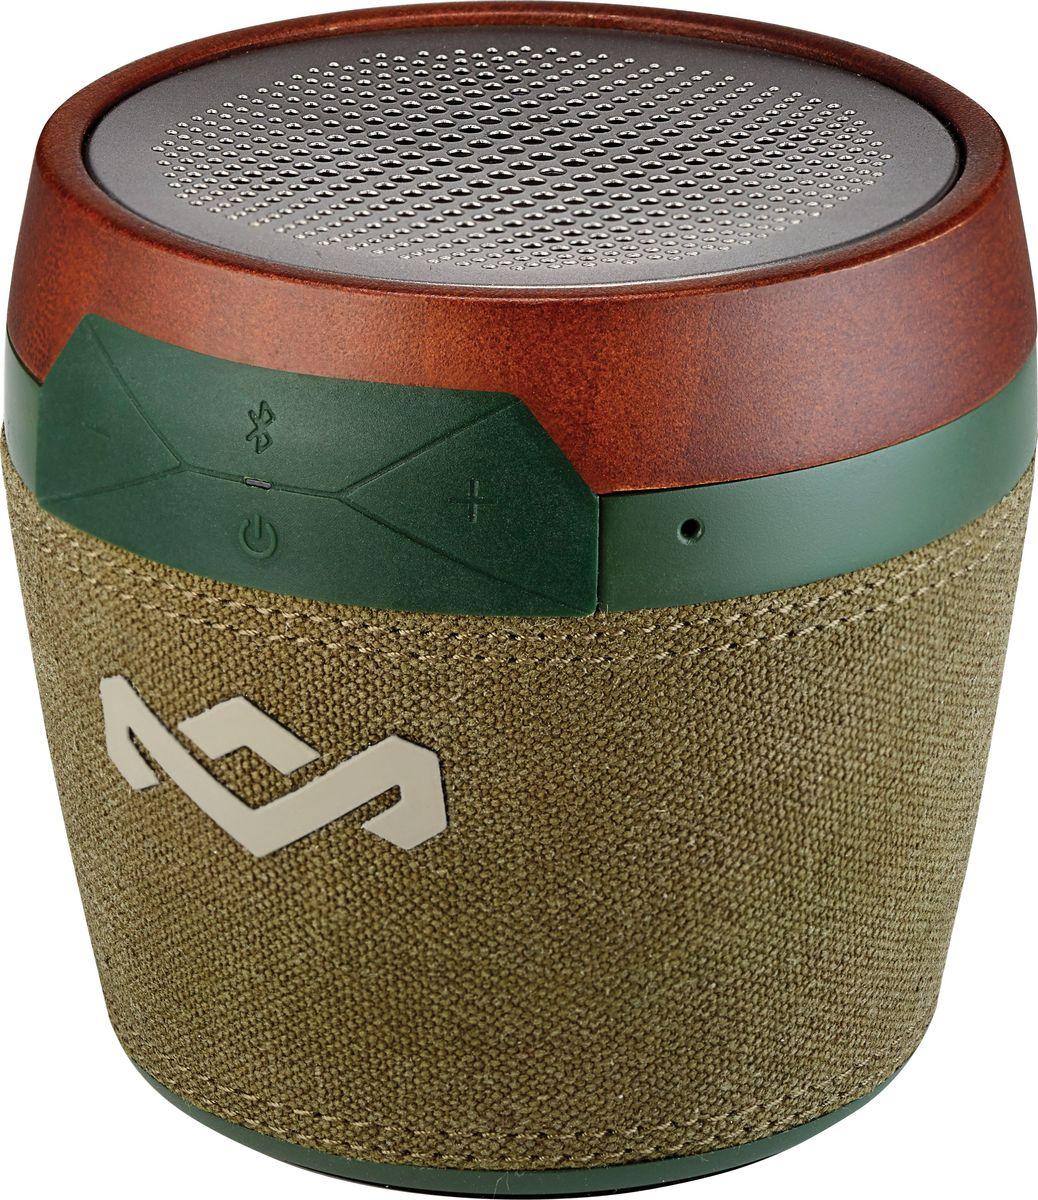 House of Marley Chant Mini, Green портативная акустическая системаEM-JA007-GRПродукция бренда Marley отличается особым шармом, благодаря дизайнерскому стилю и использованию натуральных материалов. Портативная Bluetooth акустика Chant Mini не исключение. Миниатюрная колонка напоминает своим дизайном африканский там-тамчик. Chant Mini сопрягается со всеми мобильными устройствами, поддерживающими Bluetooth. Также возможно и проводное подключение через стандартный аудио разъем. Динамик акустики будет радовать вас ярким, мощным и сочным звучанием. Аккумулятор обеспечивает до 6ч работы без подзарядки. К тому же, встроенный микрофон позволяет использовать колонку в качестве устройства громкой связи. Помимо всего прочего, колонку возможно прикрепить к одежде или рюкзаку с помощью карабина, который входит в комплектацию. И даже, если пойдет небольшой дождь, колонка выдержит и это испытание, так как обладает степенью защиты IPX4.Функциональные особенности: Защита от водяных брызг (IPX4). Встроенный микрофон. Выход на наушники. Материал корпуса: Бамбук, ткань Rewind, пластик, перфорированный аллюминий.